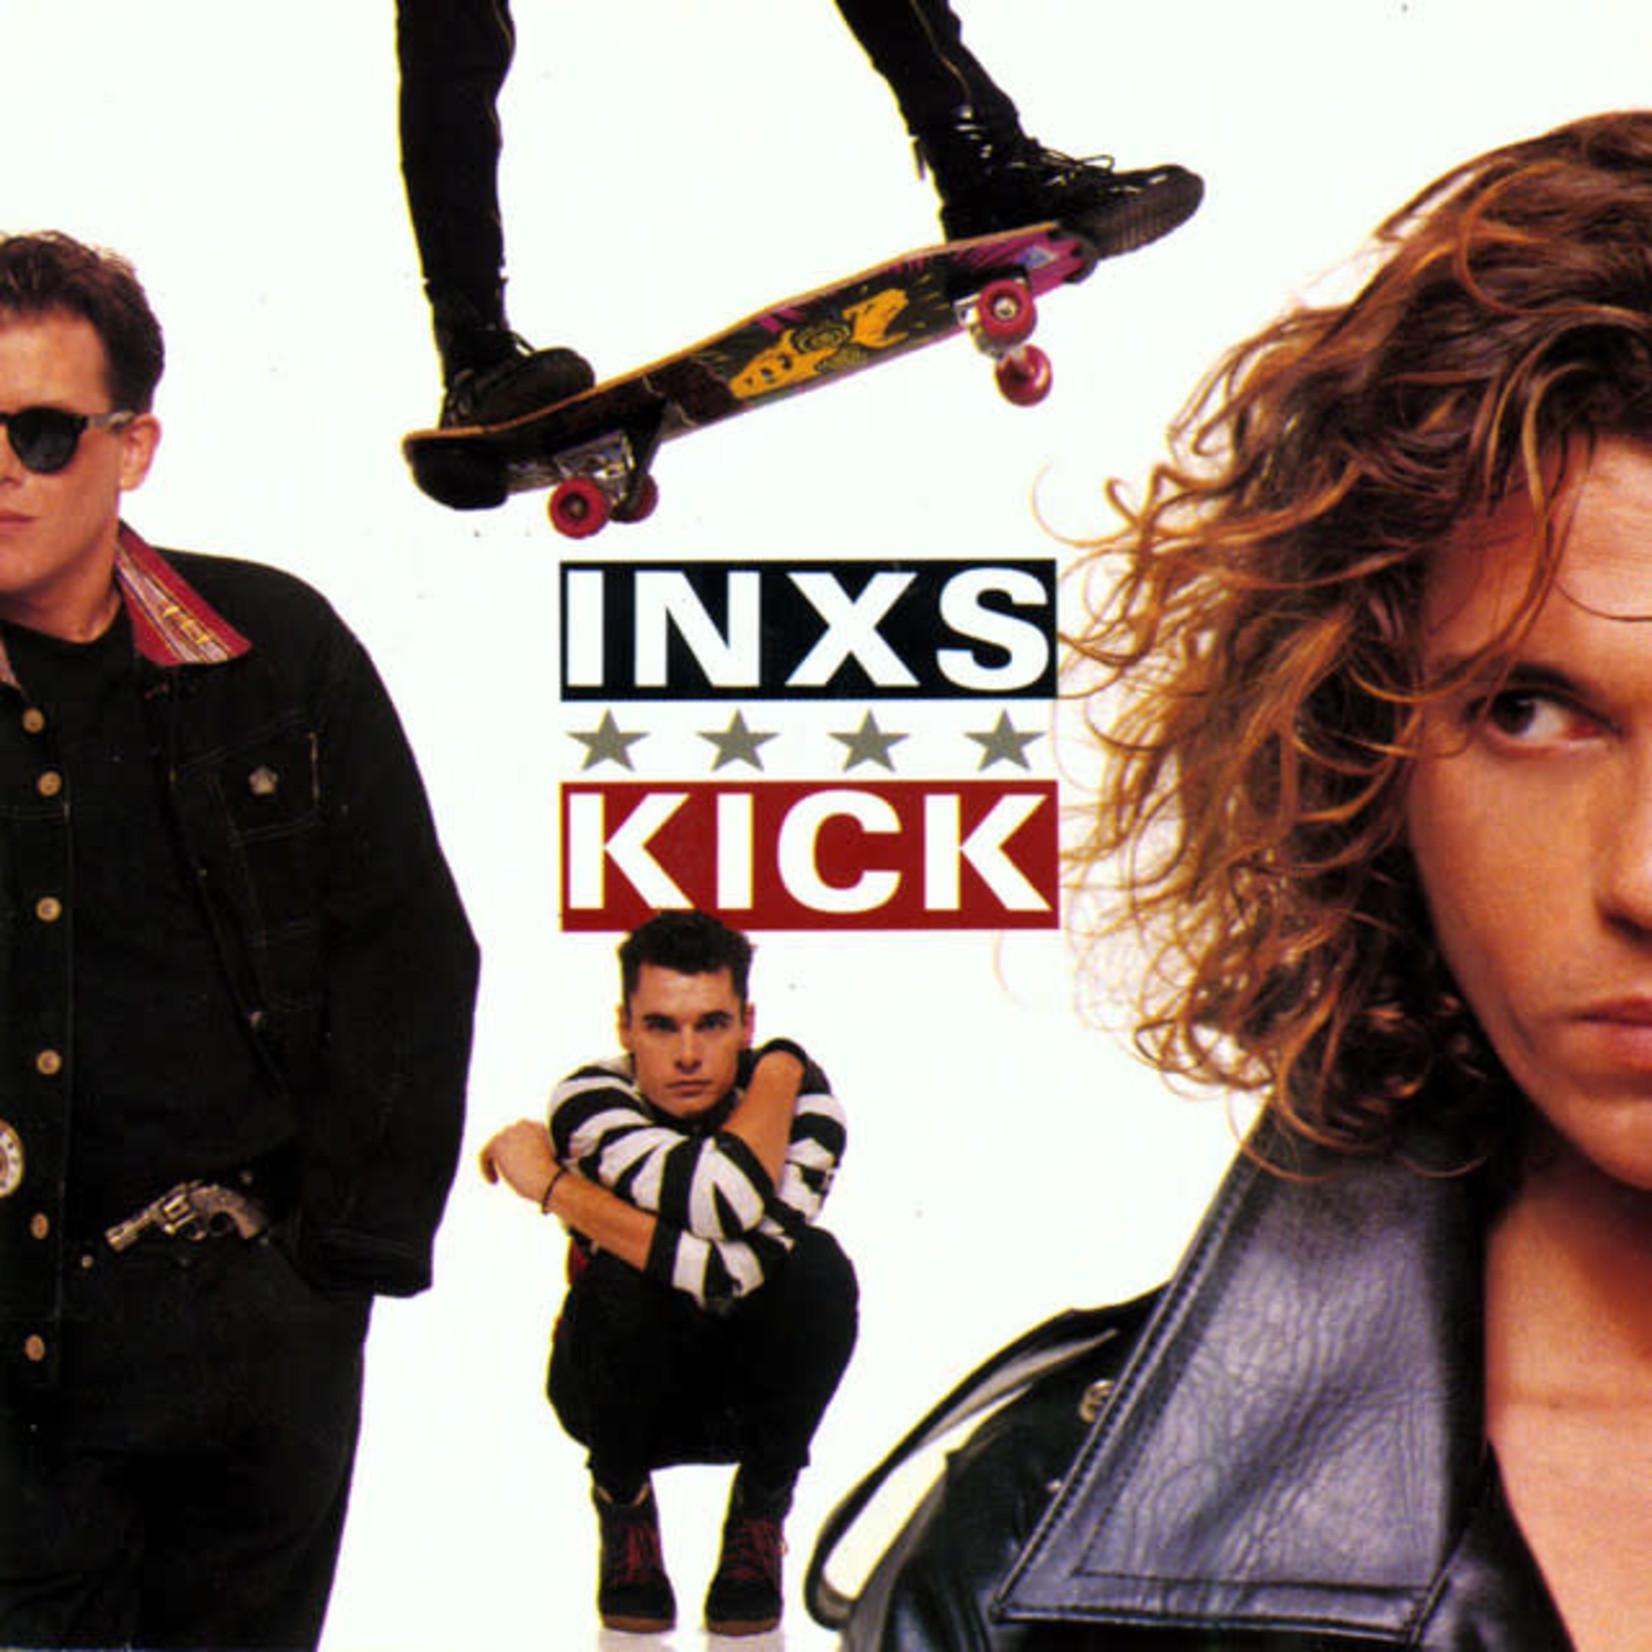 Vinyl INXS - Kick